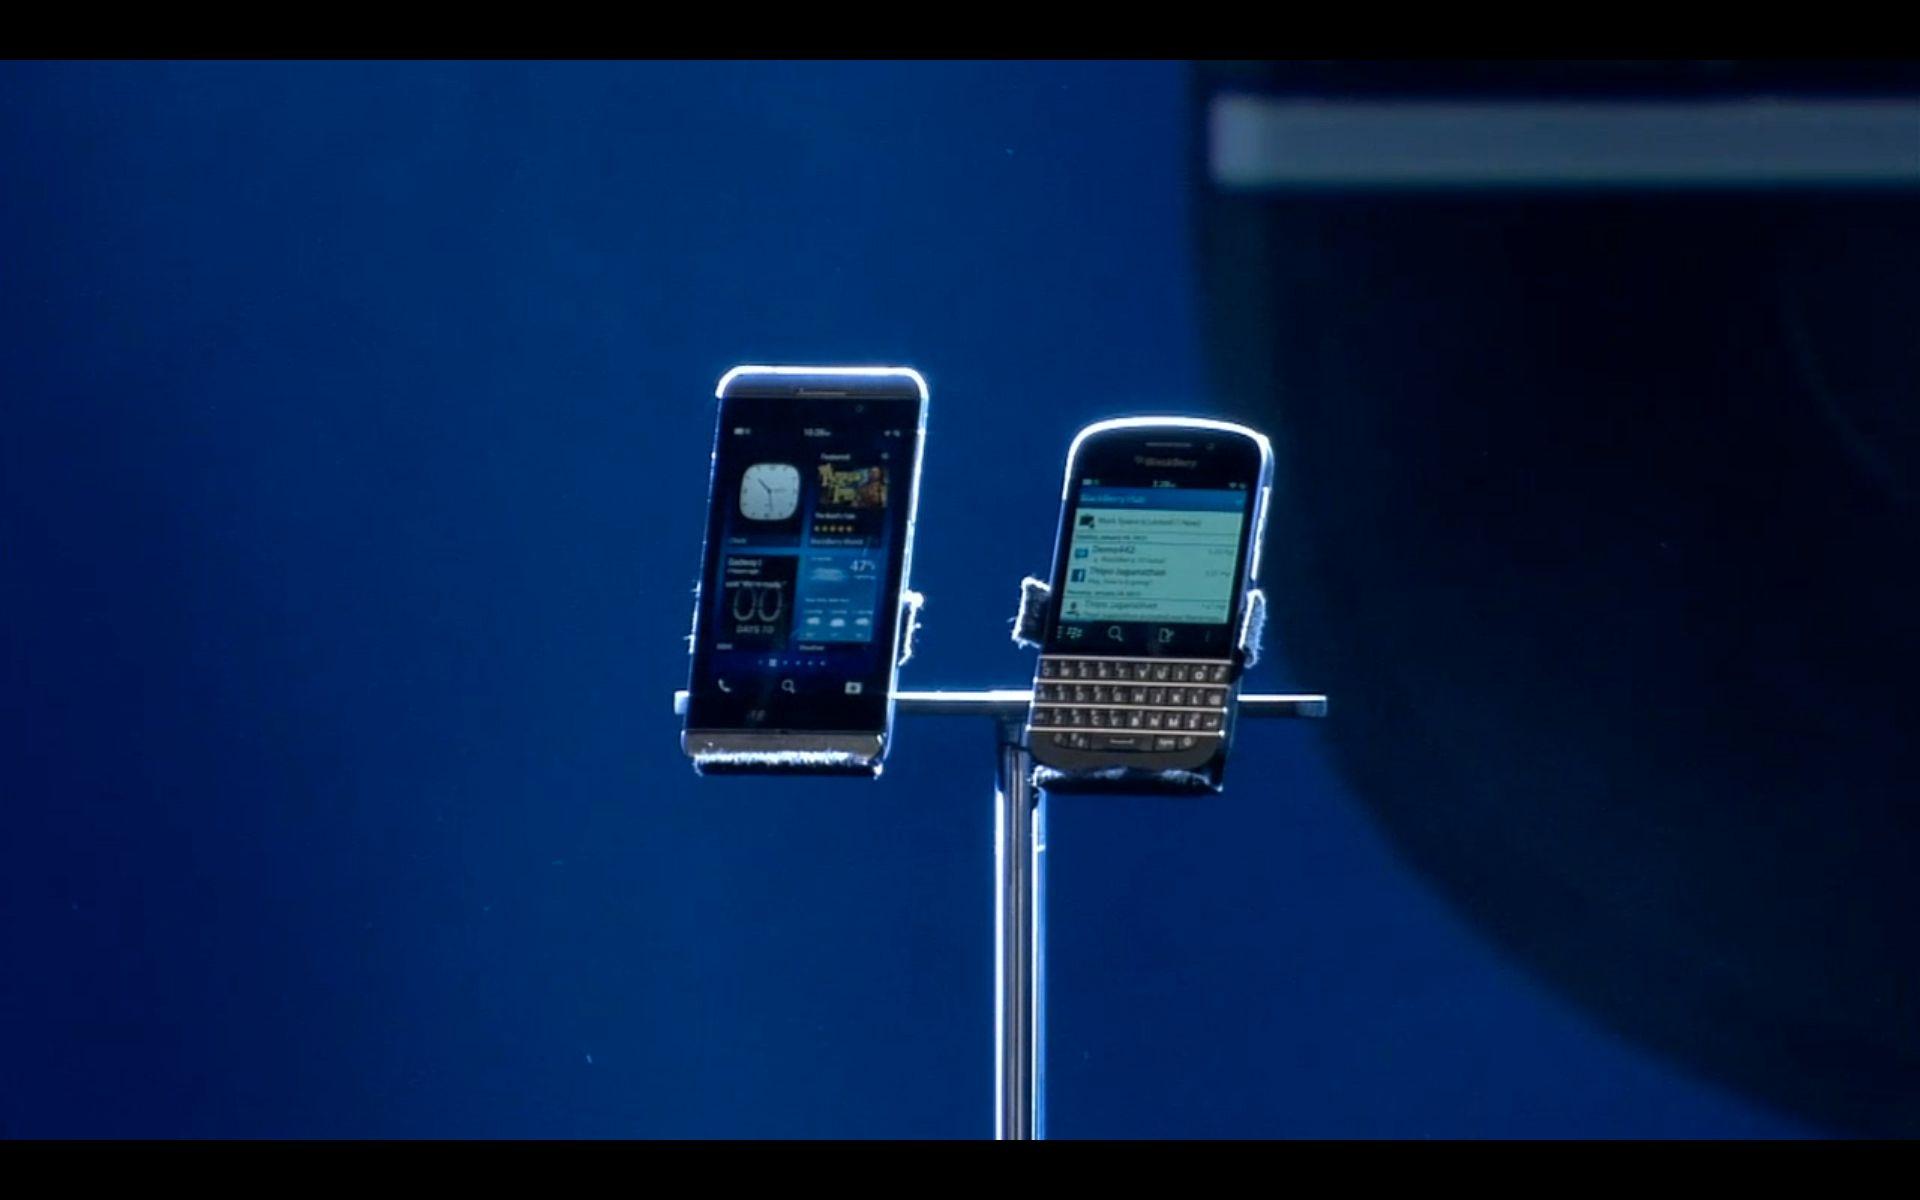 De to nye telefonene, Z10 og Q10, presentert for første gang.